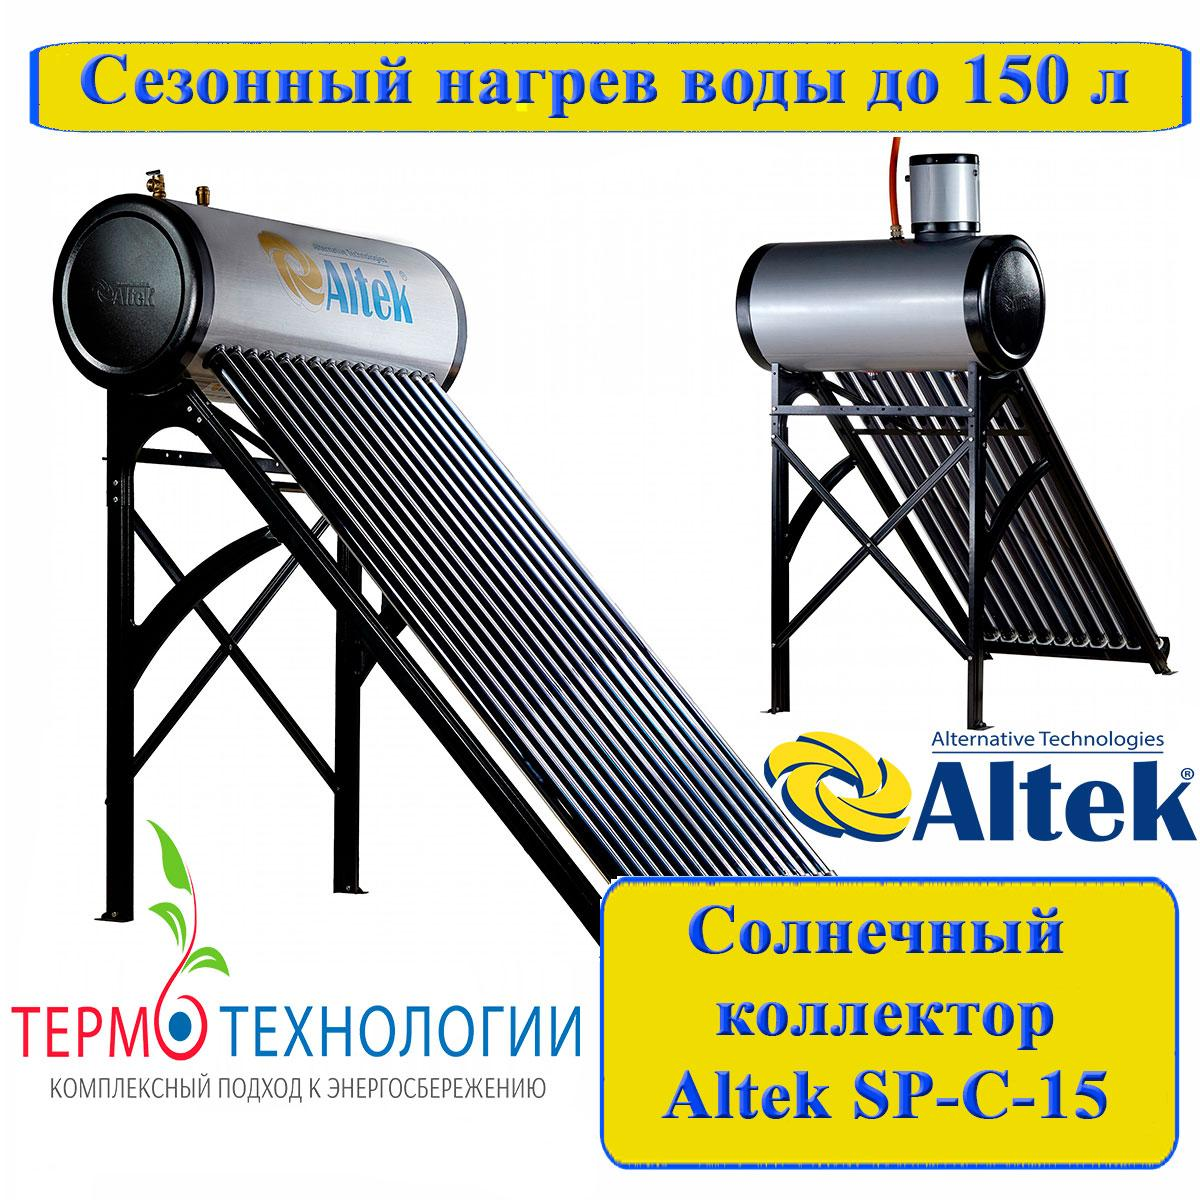 Сезонный солнечный коллектор Altek SP-C-15, на 3 человек